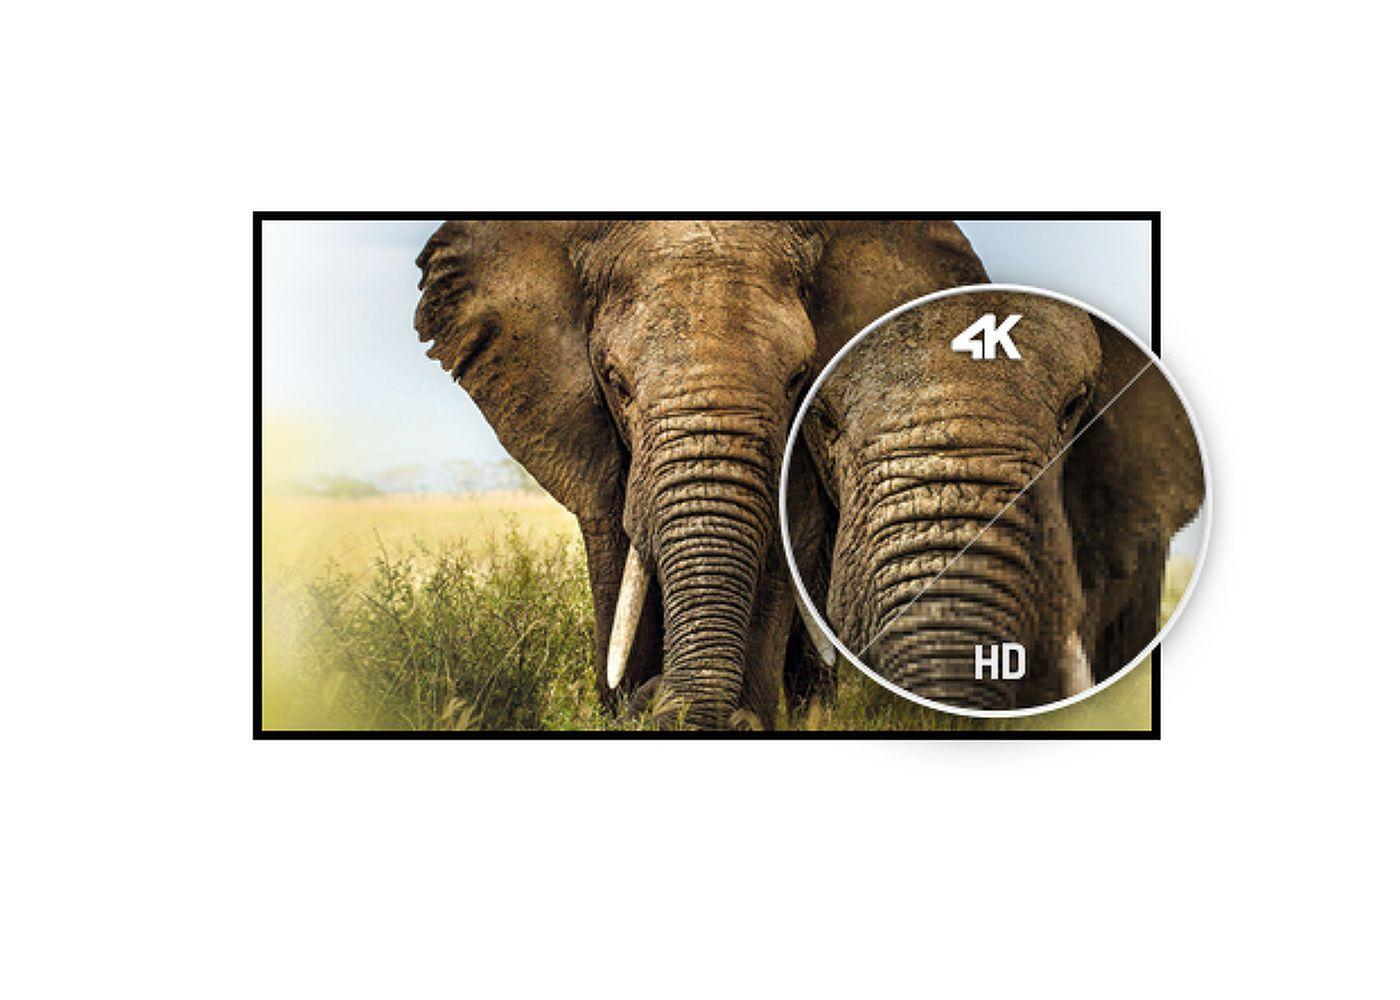 4K IPS iiyama ProLite XUB2792UHSU-B1 Monitor Price is Now Reduced on Amazon UK